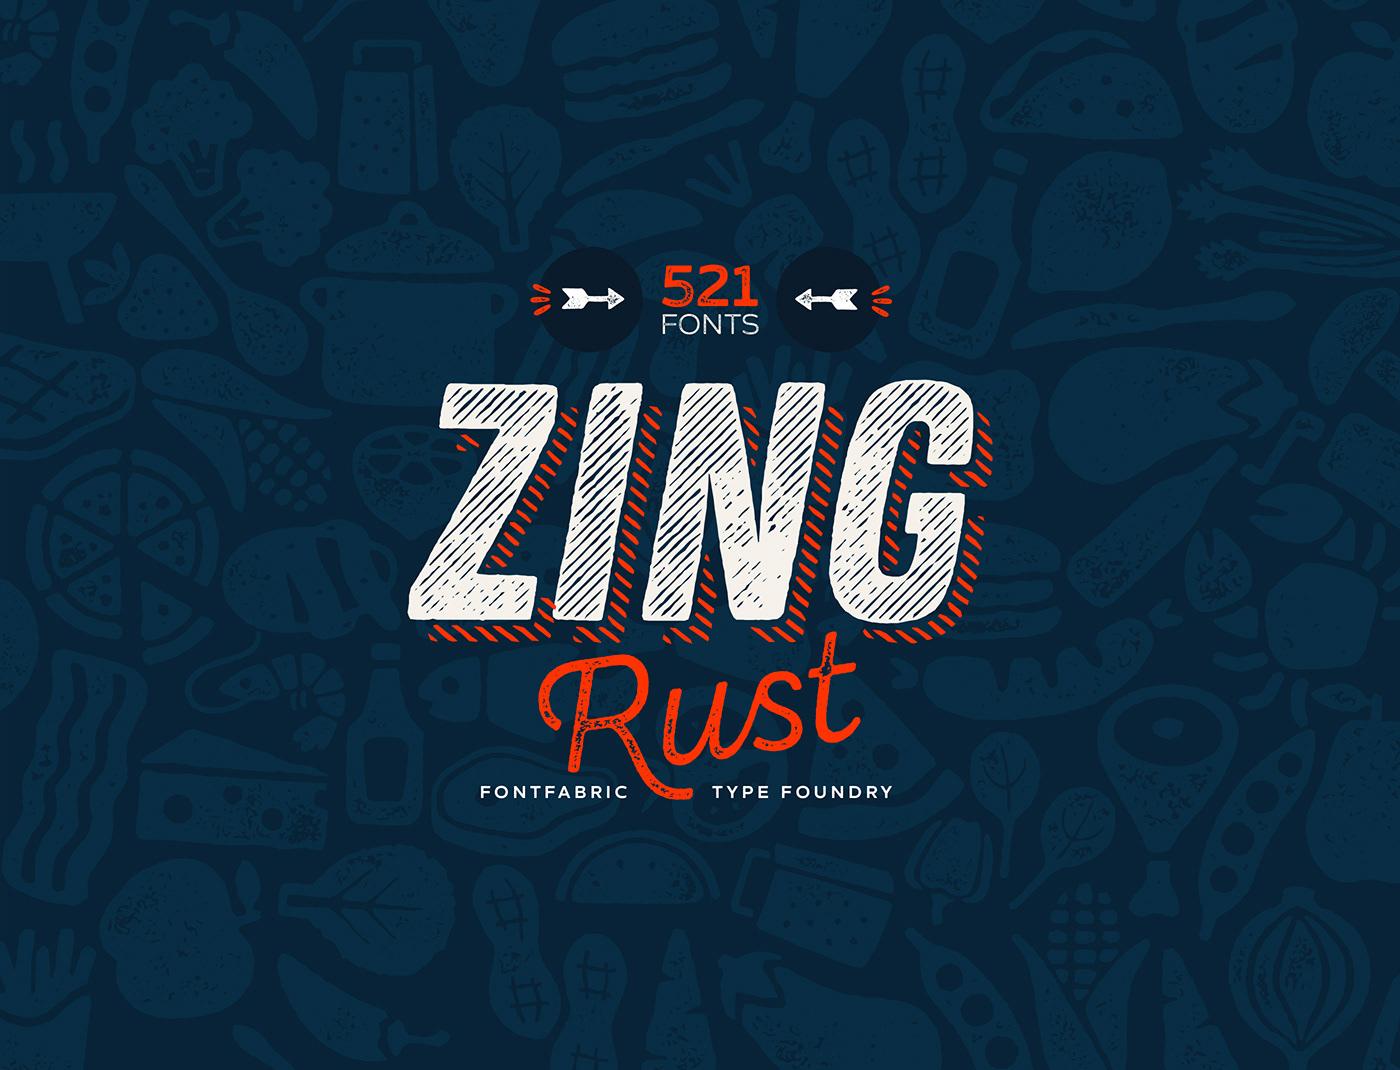 مجموعة خطوط زينج ريست Zing Rust Free Fonts